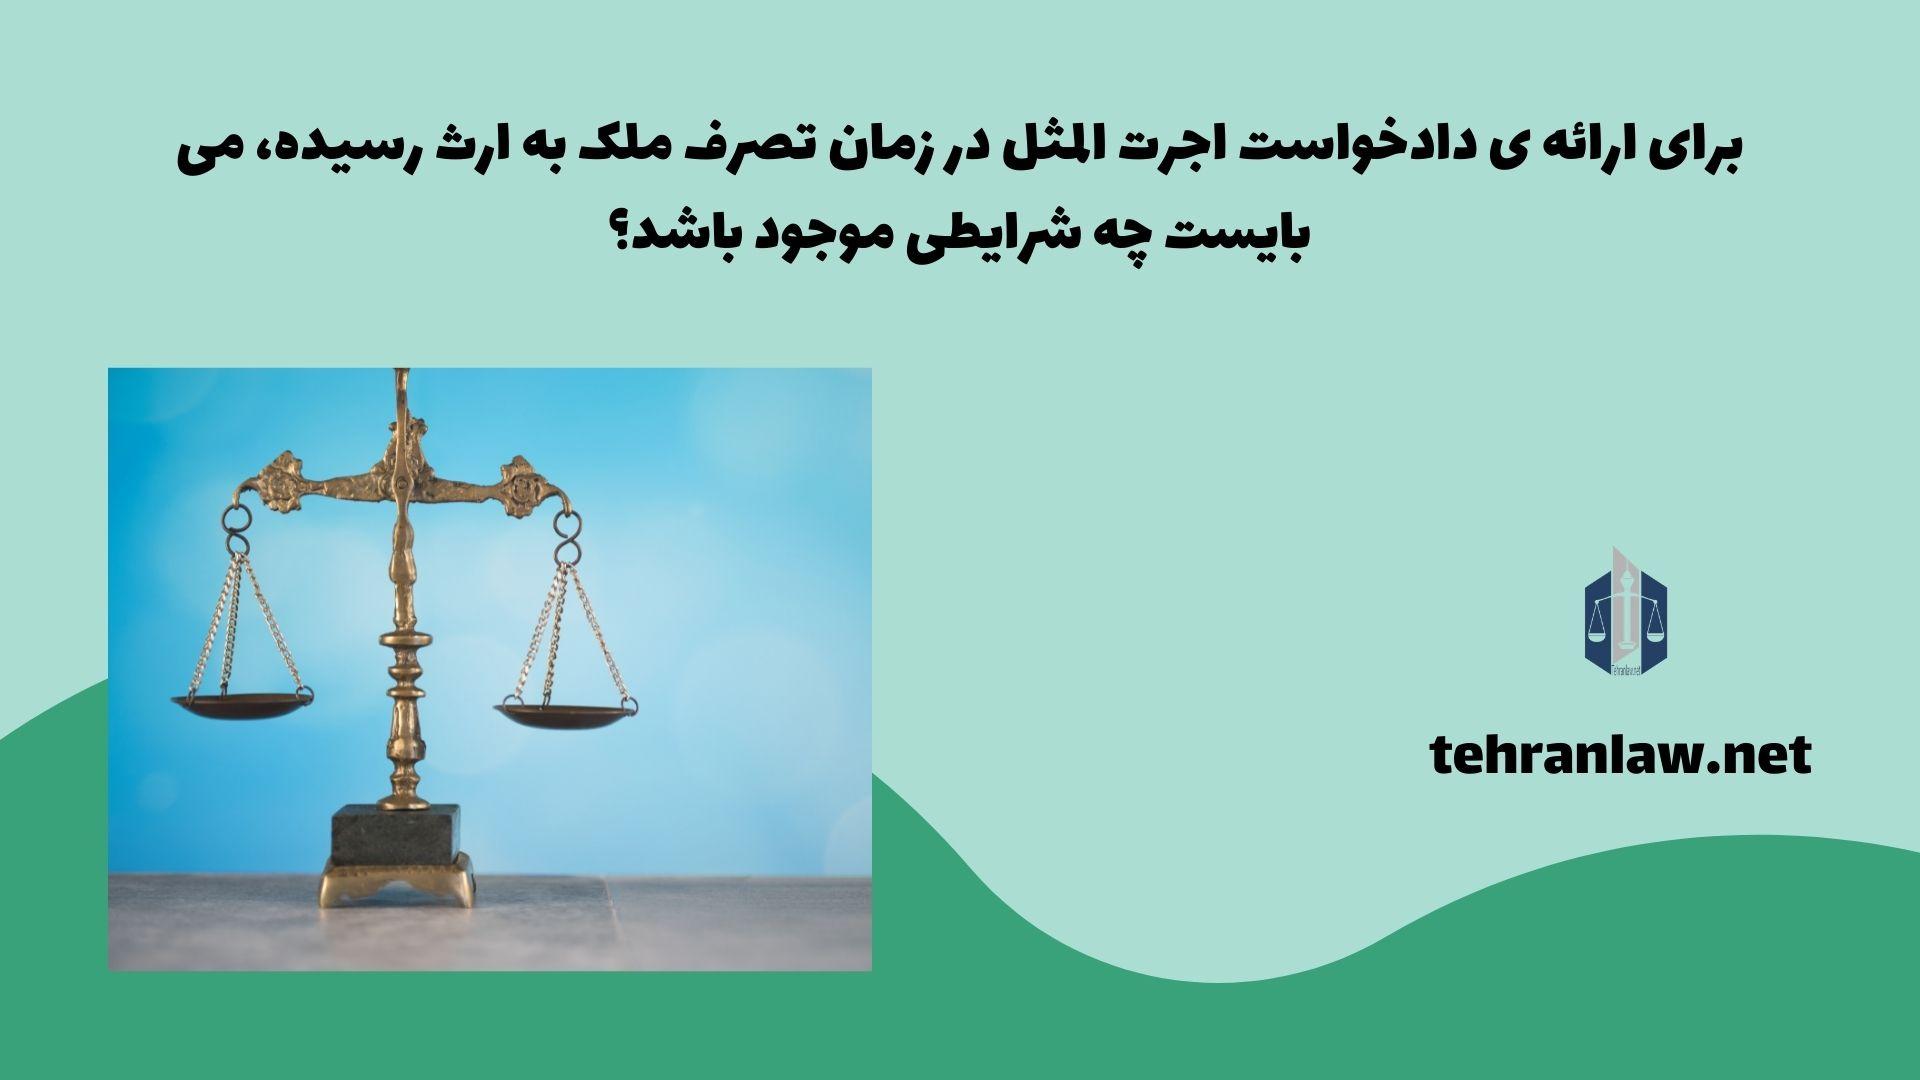 برای ارائه ی دادخواست اجرت المثل در زمان تصرف ملک به ارث رسیده، می بایست چه شرایطی موجود باشد؟